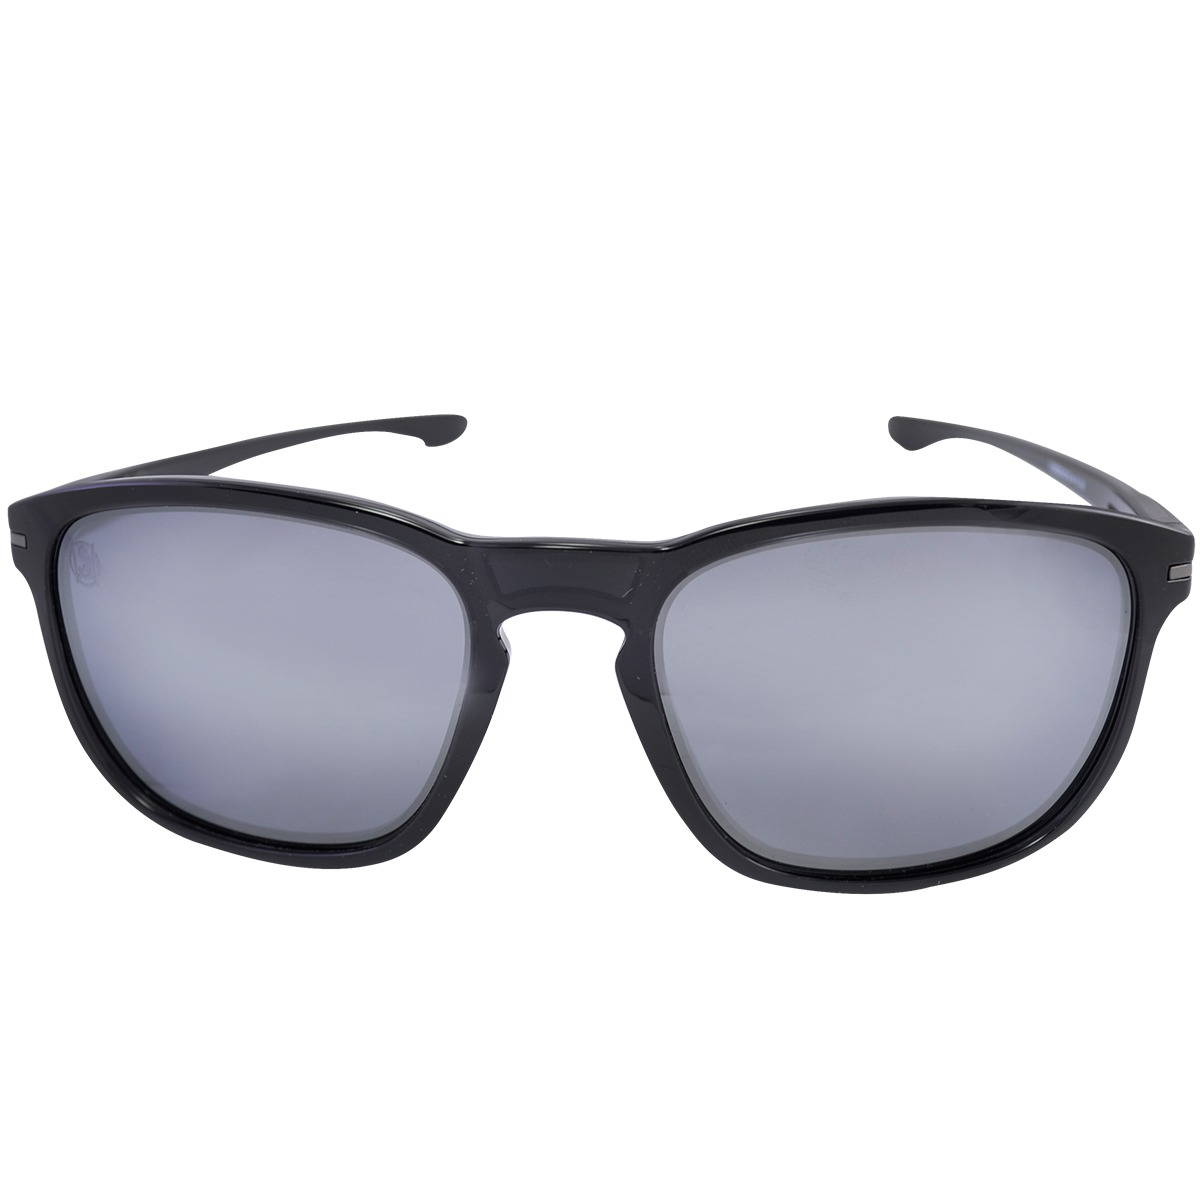 a1ffabe3caf39 oakley enduro óculos. Carregando zoom.